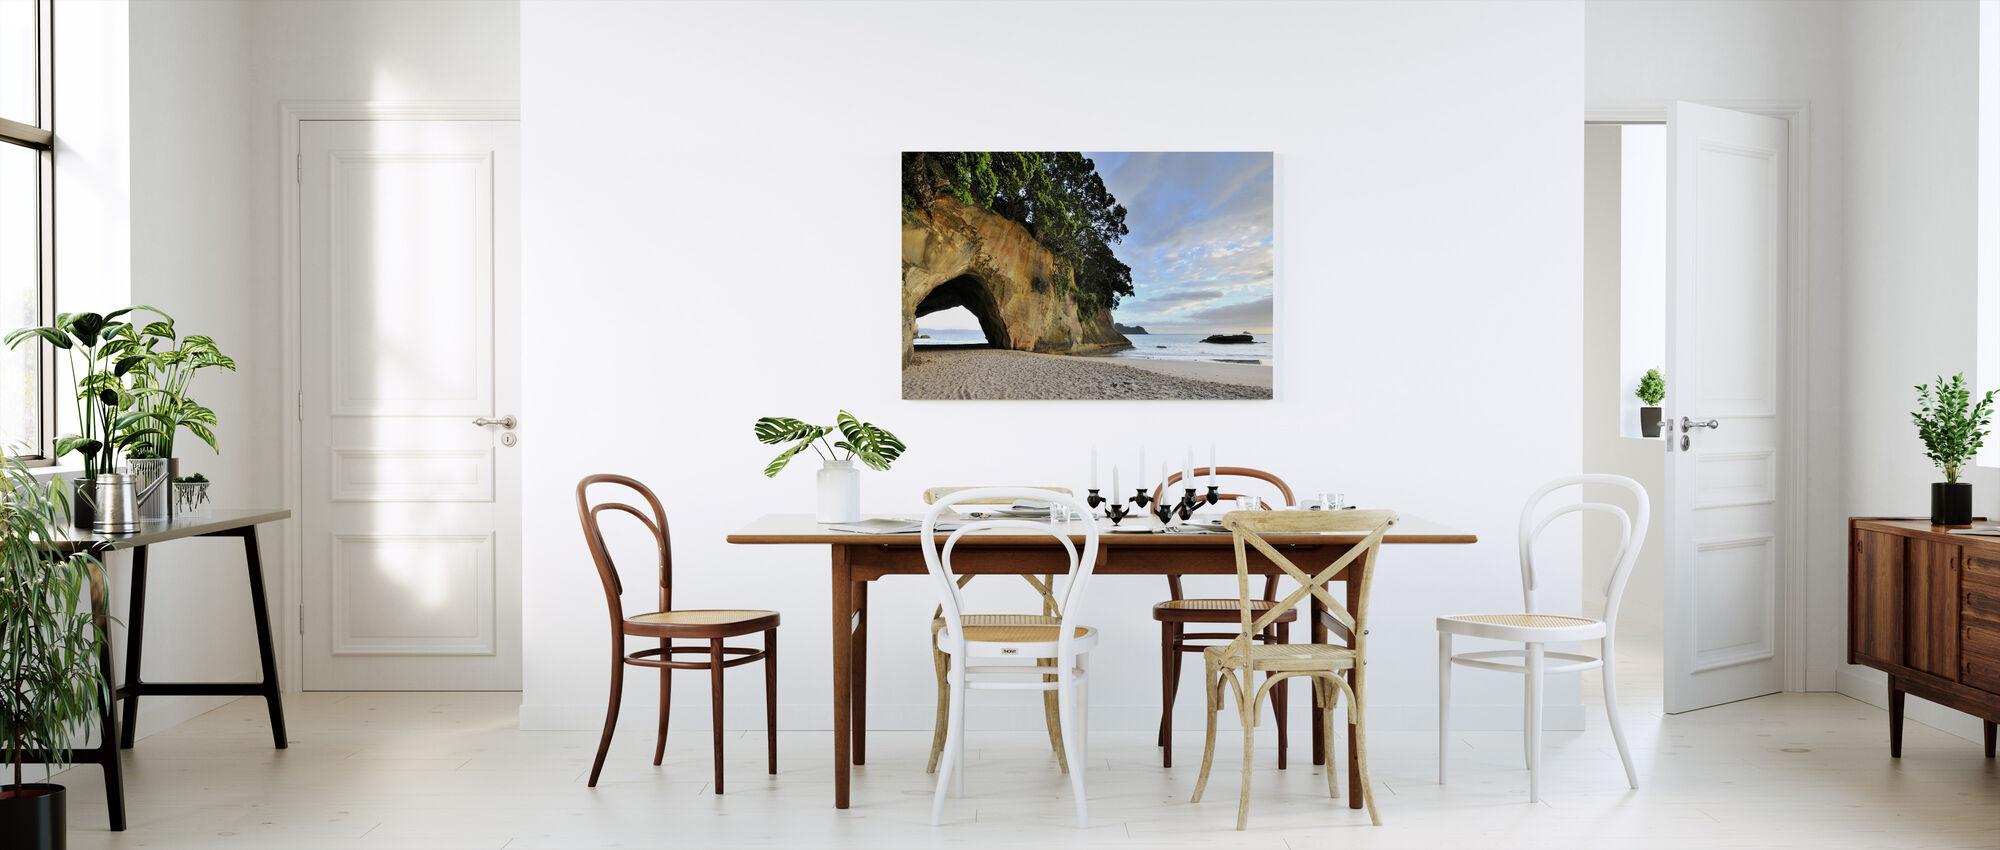 Stranden på stranden - Lerretsbilde - Kjøkken